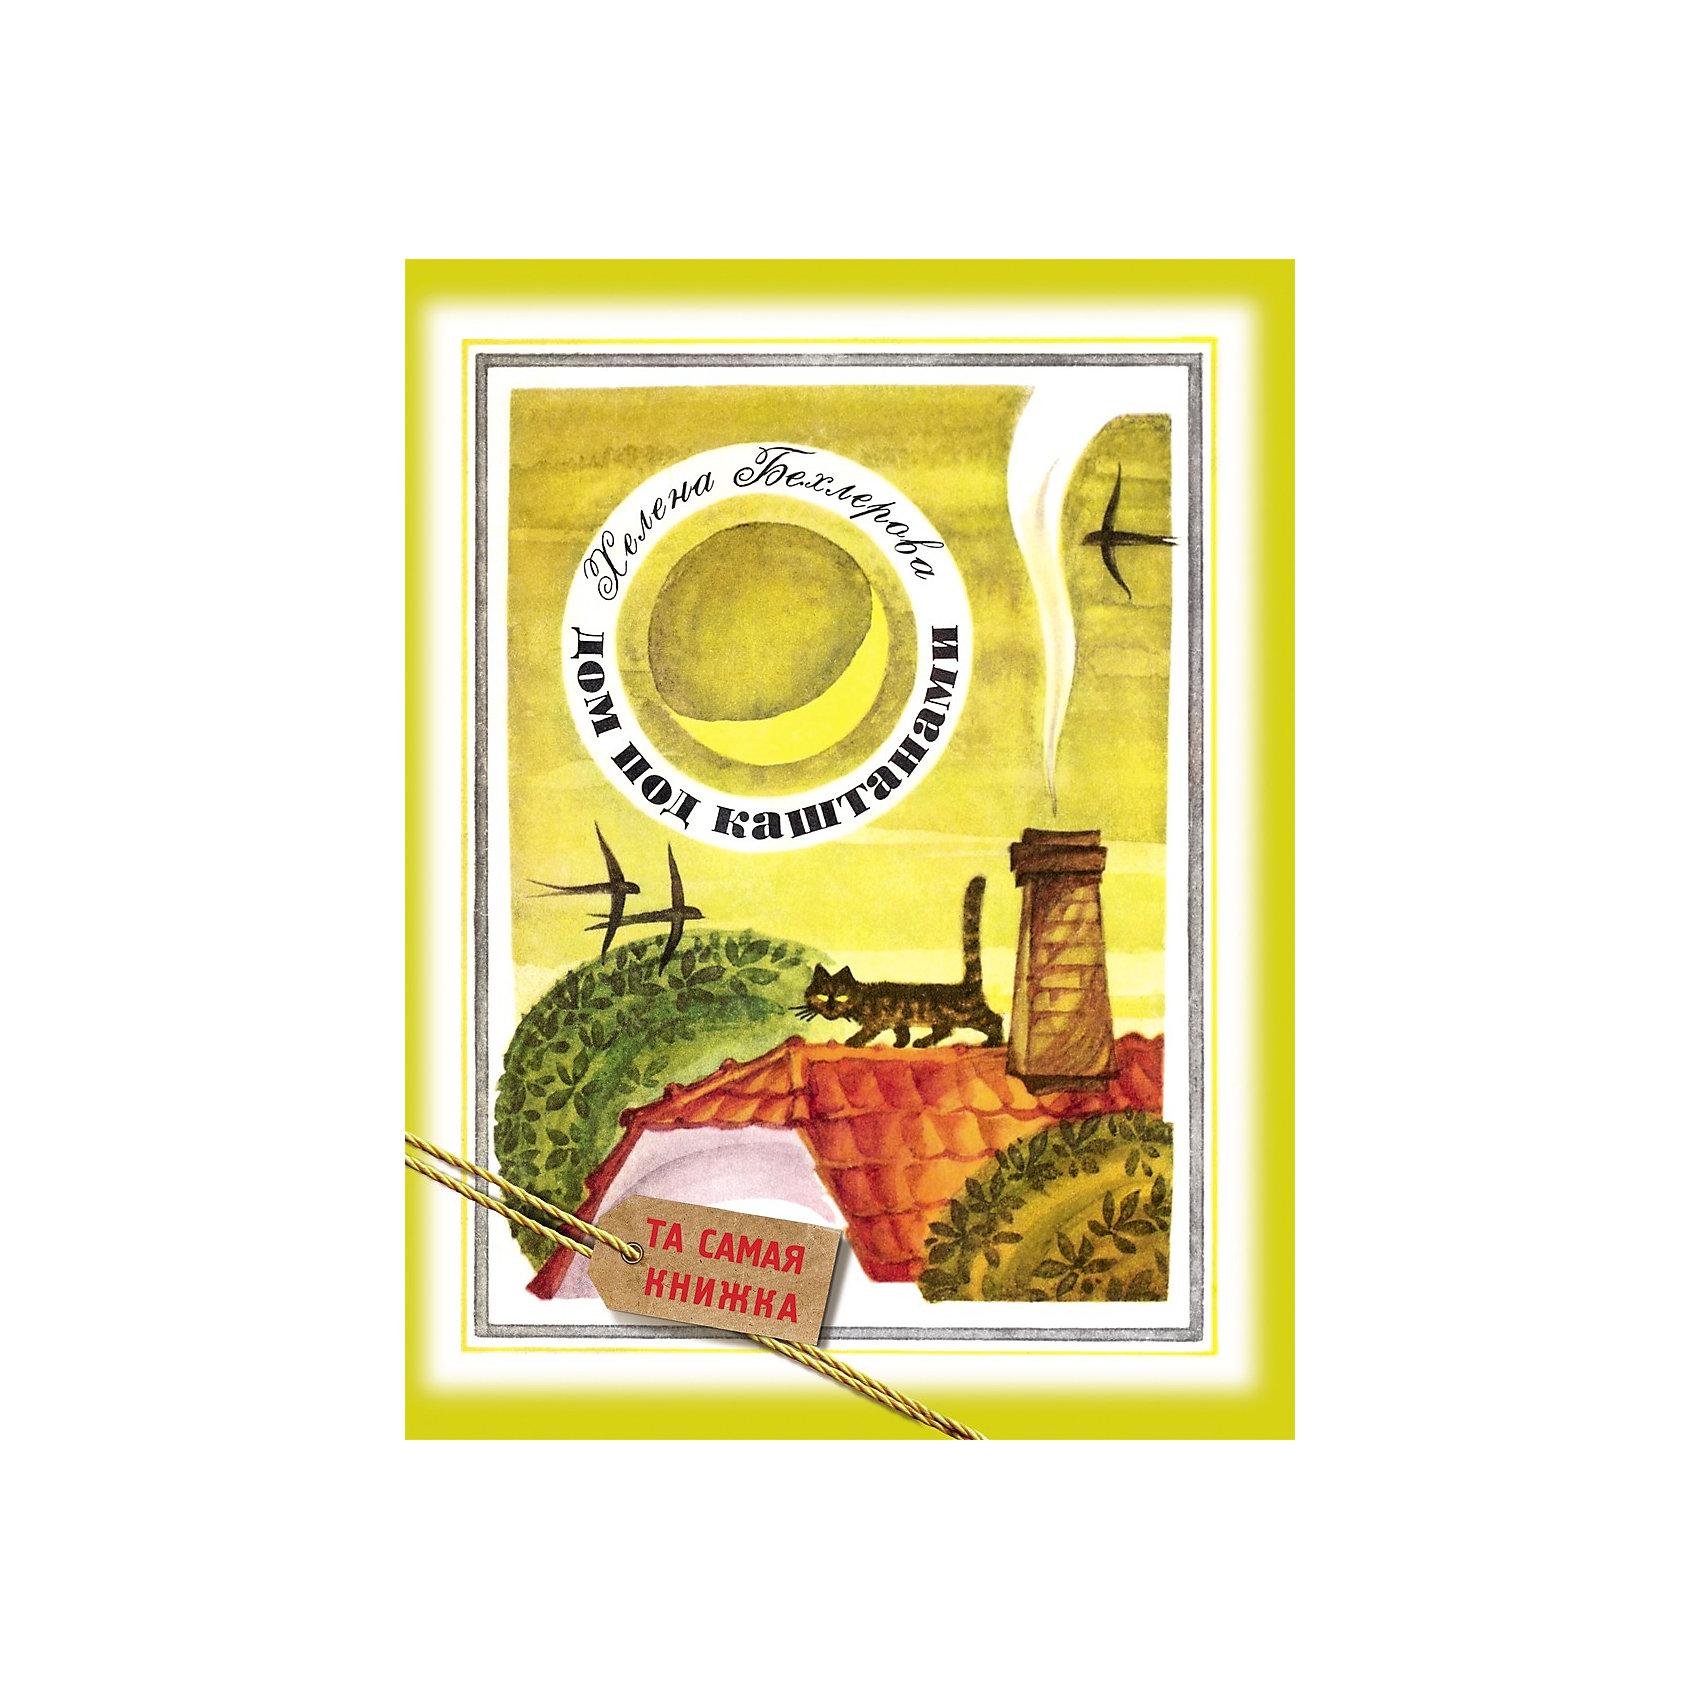 Дом под каштанами, Х. БехлероваРассказы и повести<br>Книга Х. Бехлеровой Дом под каштанами от Росмэн - новое издание популярной детской книги, вышедшей еще в 1970 г. с замечательными иллюстрациями Владимира Винокура.<br>Теперь и Ваш ребенок с удовольствием познакомиться с маленькими героями книги - братом и сестрой и будет с интересом следить за их приключениями. Каждое лето дети приезжают в гости к своей тете, где их ожидают необыкновенные приключения. Вместе со своим проводником по сказочным мирам - котом-тигренком Тимонеком, они попадут на пиратский остров, в дождевой дворец, отправятся к маковому королю, встретят Большую Медведицу и увидят разноцветных птиц из настенных часов.<br><br>Дополнительная информация:<br><br>- Автор: Хелена Бехлерова.<br>- Художник: В. Винокур.<br>- Серия: Та самая книжка.<br>- Обложка: твердая.<br>- Иллюстрации: цветные.<br>- Объем: 48 стр.<br>- Размер: 26,3 х 20,5 х 1 см.<br>- Вес: 0,34 кг.<br><br>Книгу Х. Бехлеровой Дом под каштанами, Росмэн можно купить в нашем интернет-магазине.<br><br>Ширина мм: 263<br>Глубина мм: 205<br>Высота мм: 10<br>Вес г: 340<br>Возраст от месяцев: 60<br>Возраст до месяцев: 108<br>Пол: Унисекс<br>Возраст: Детский<br>SKU: 3643241